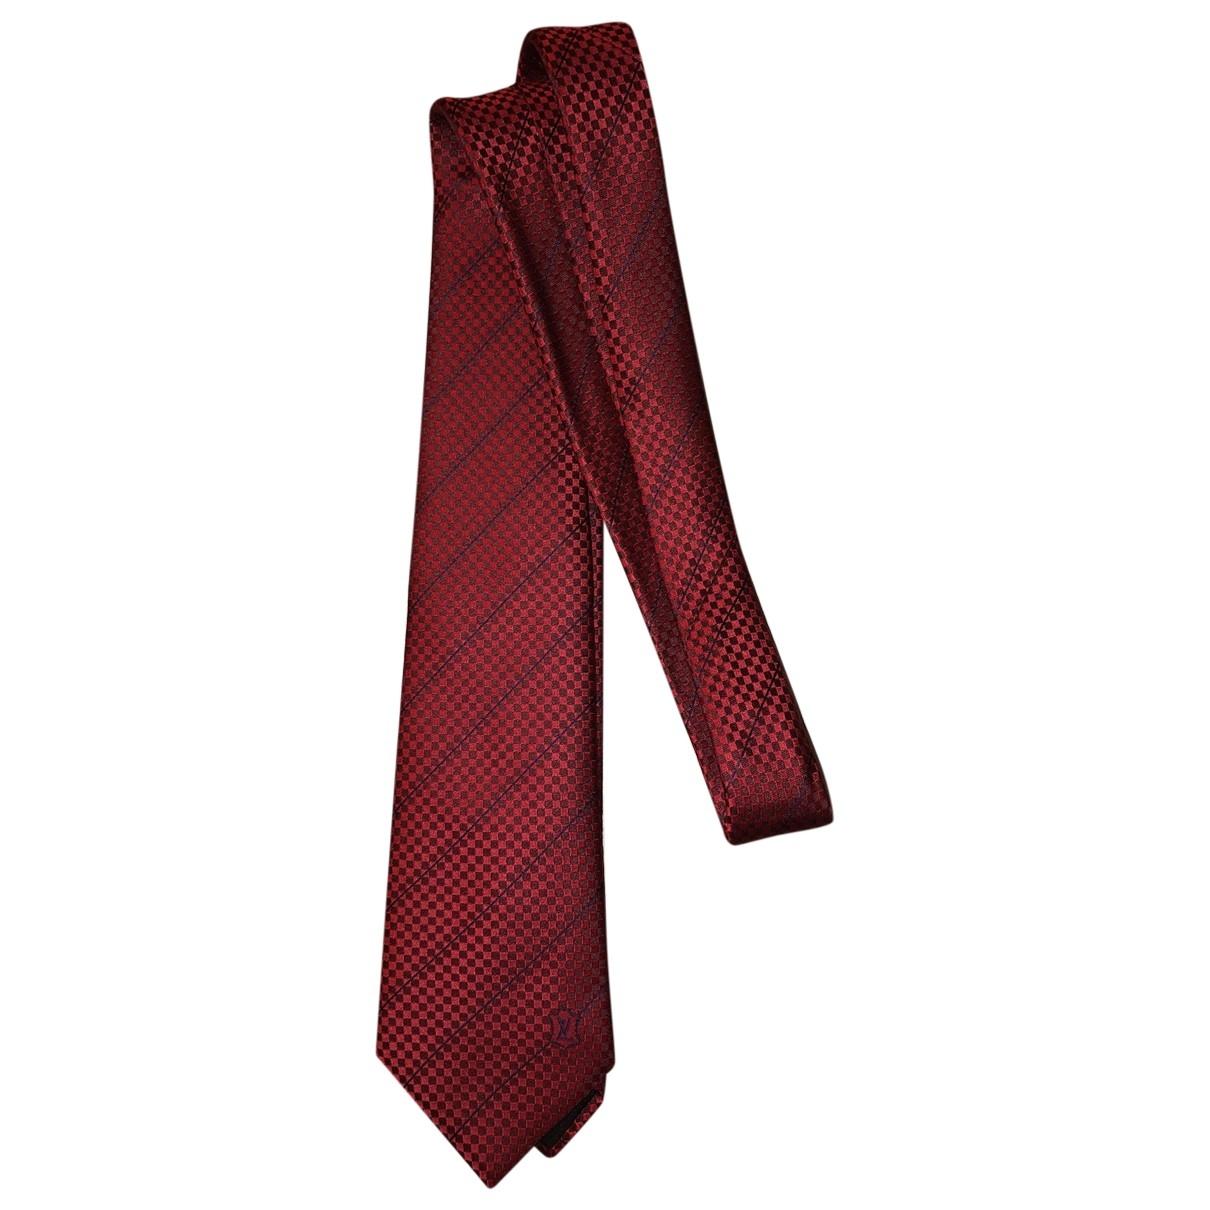 Louis Vuitton - Cravates   pour homme en soie - rouge